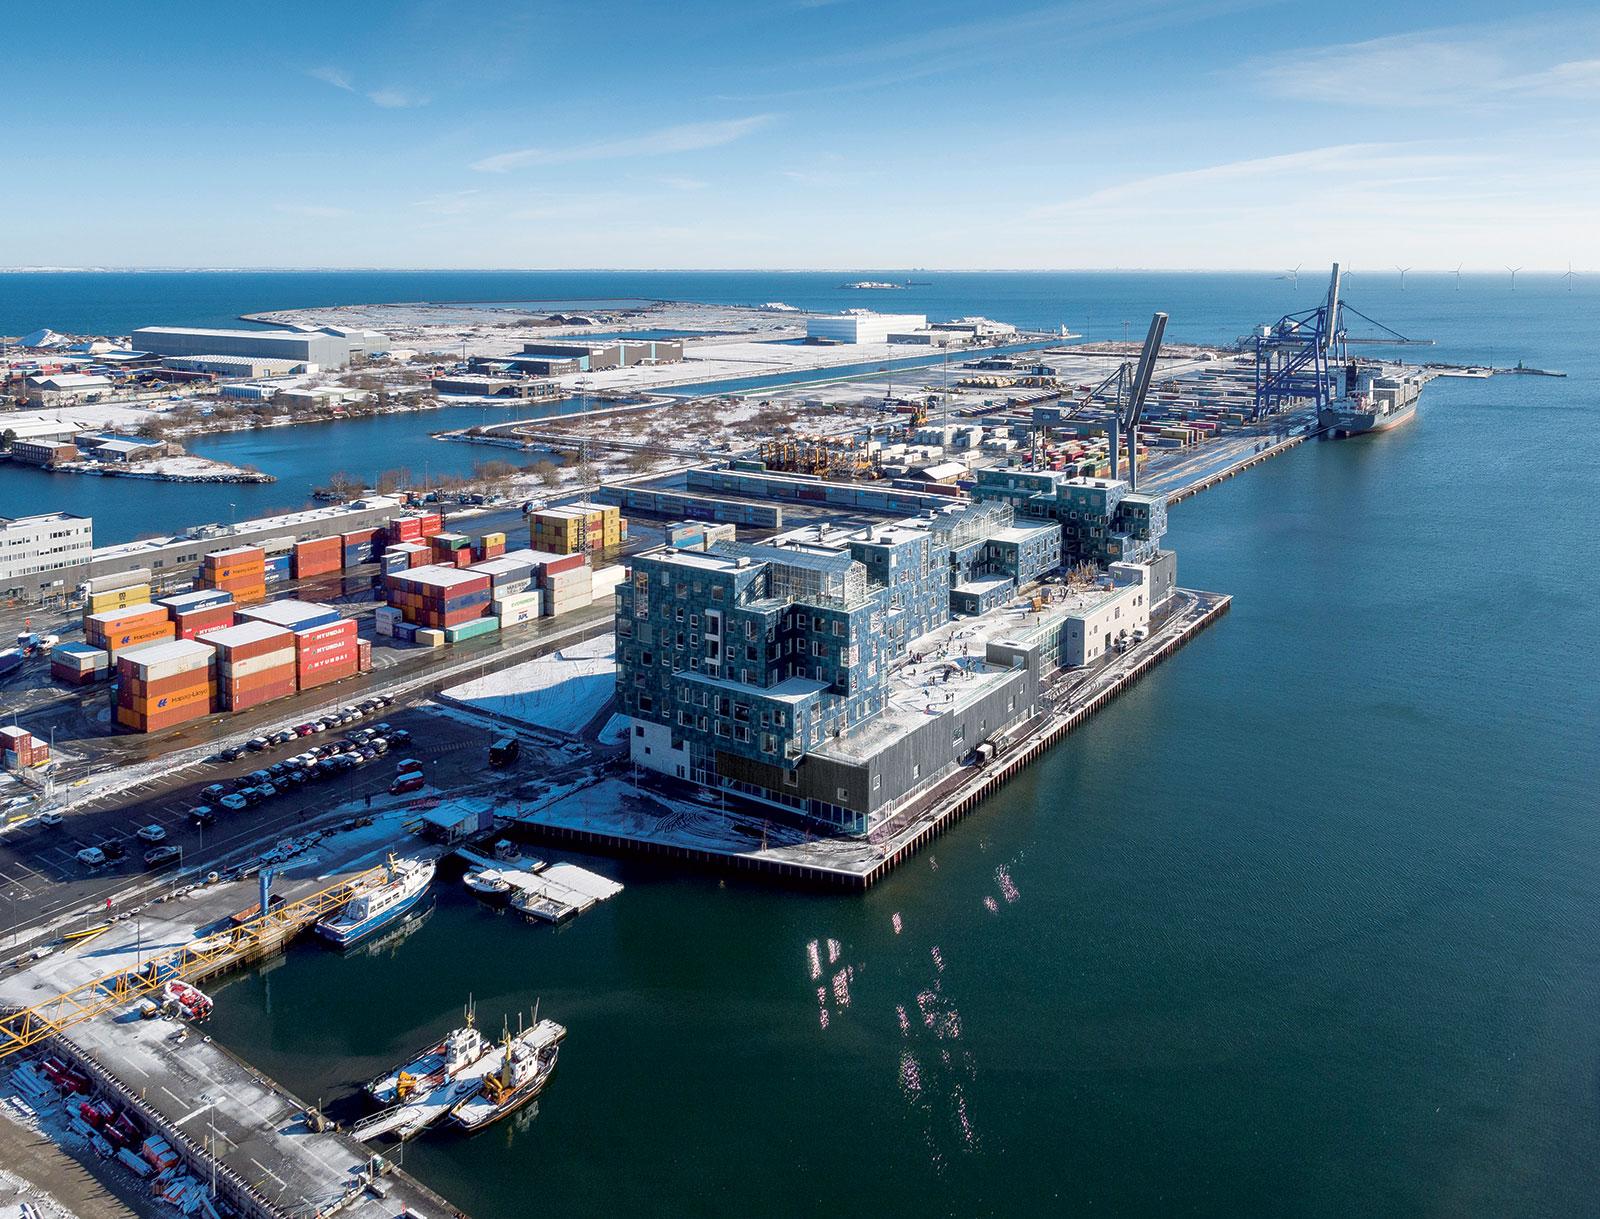 Mezinárodní škola Nordhavn